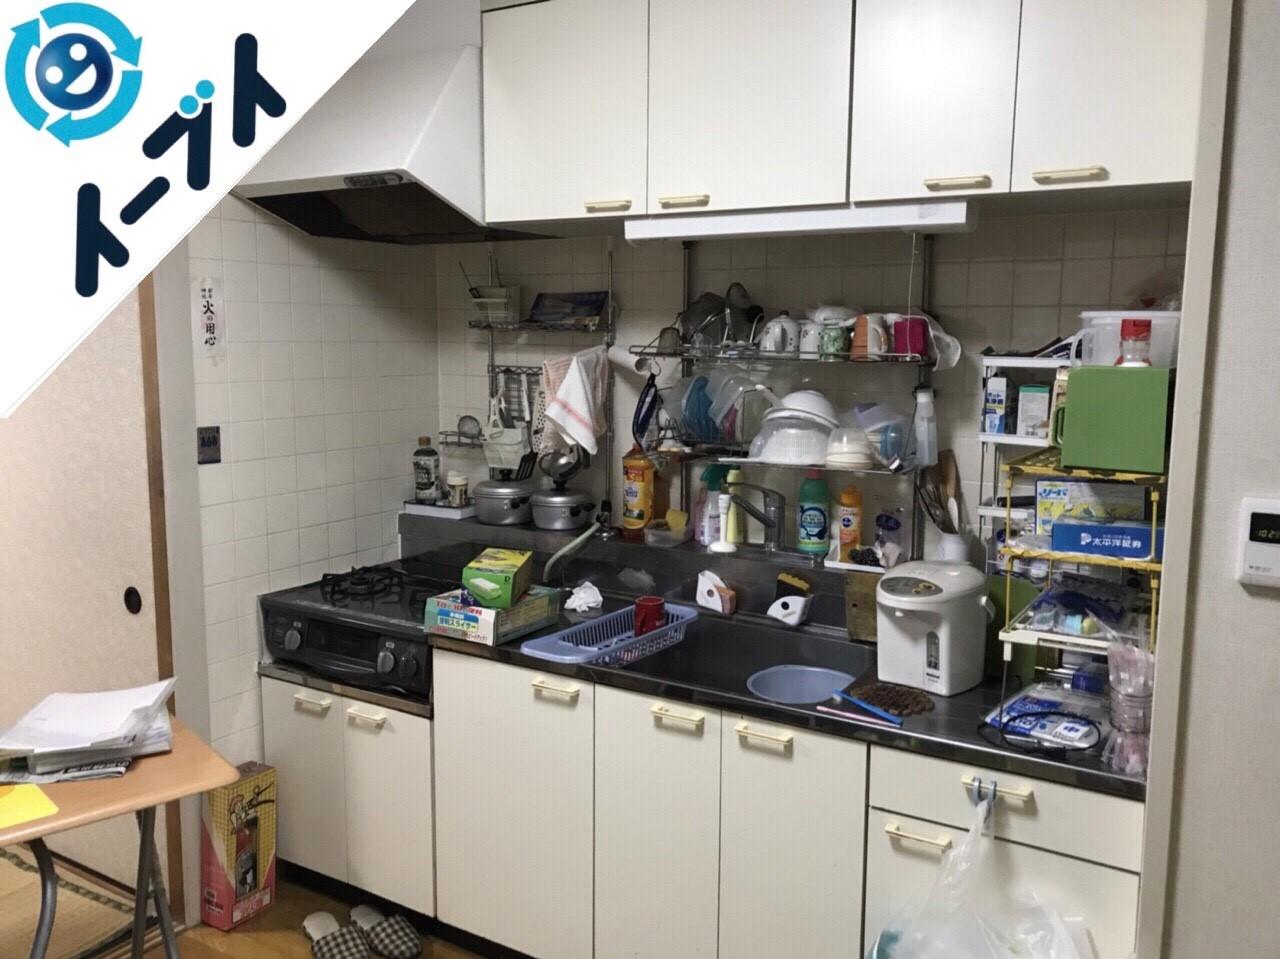 2018年7月9日大阪府東大阪市で台所のキッチン道具などの不用品を片付け処分をしました。写真5